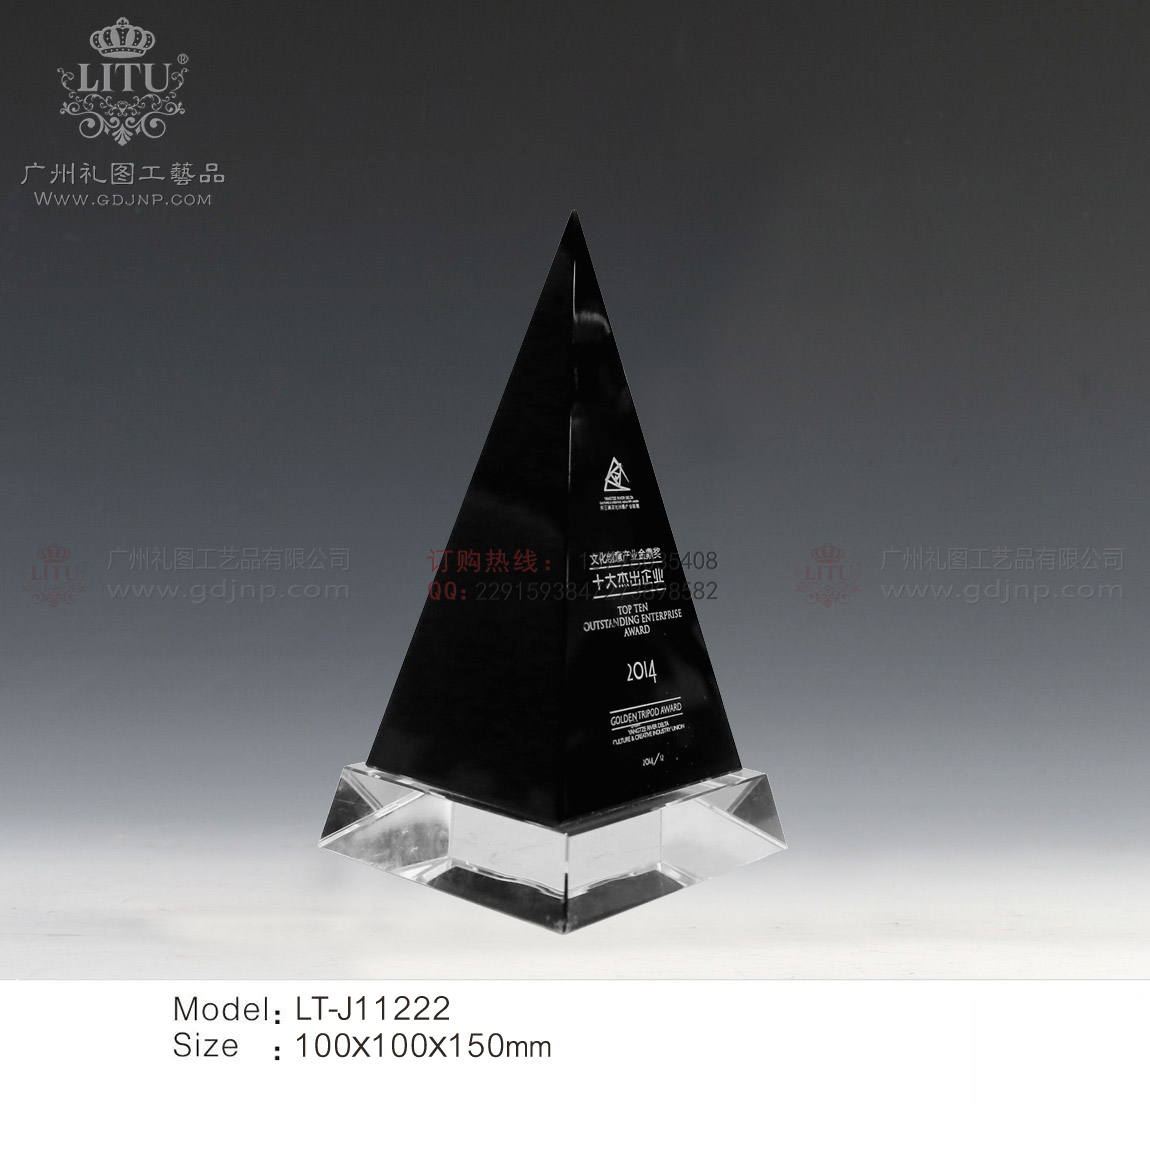 黑水晶金字塔形奖杯